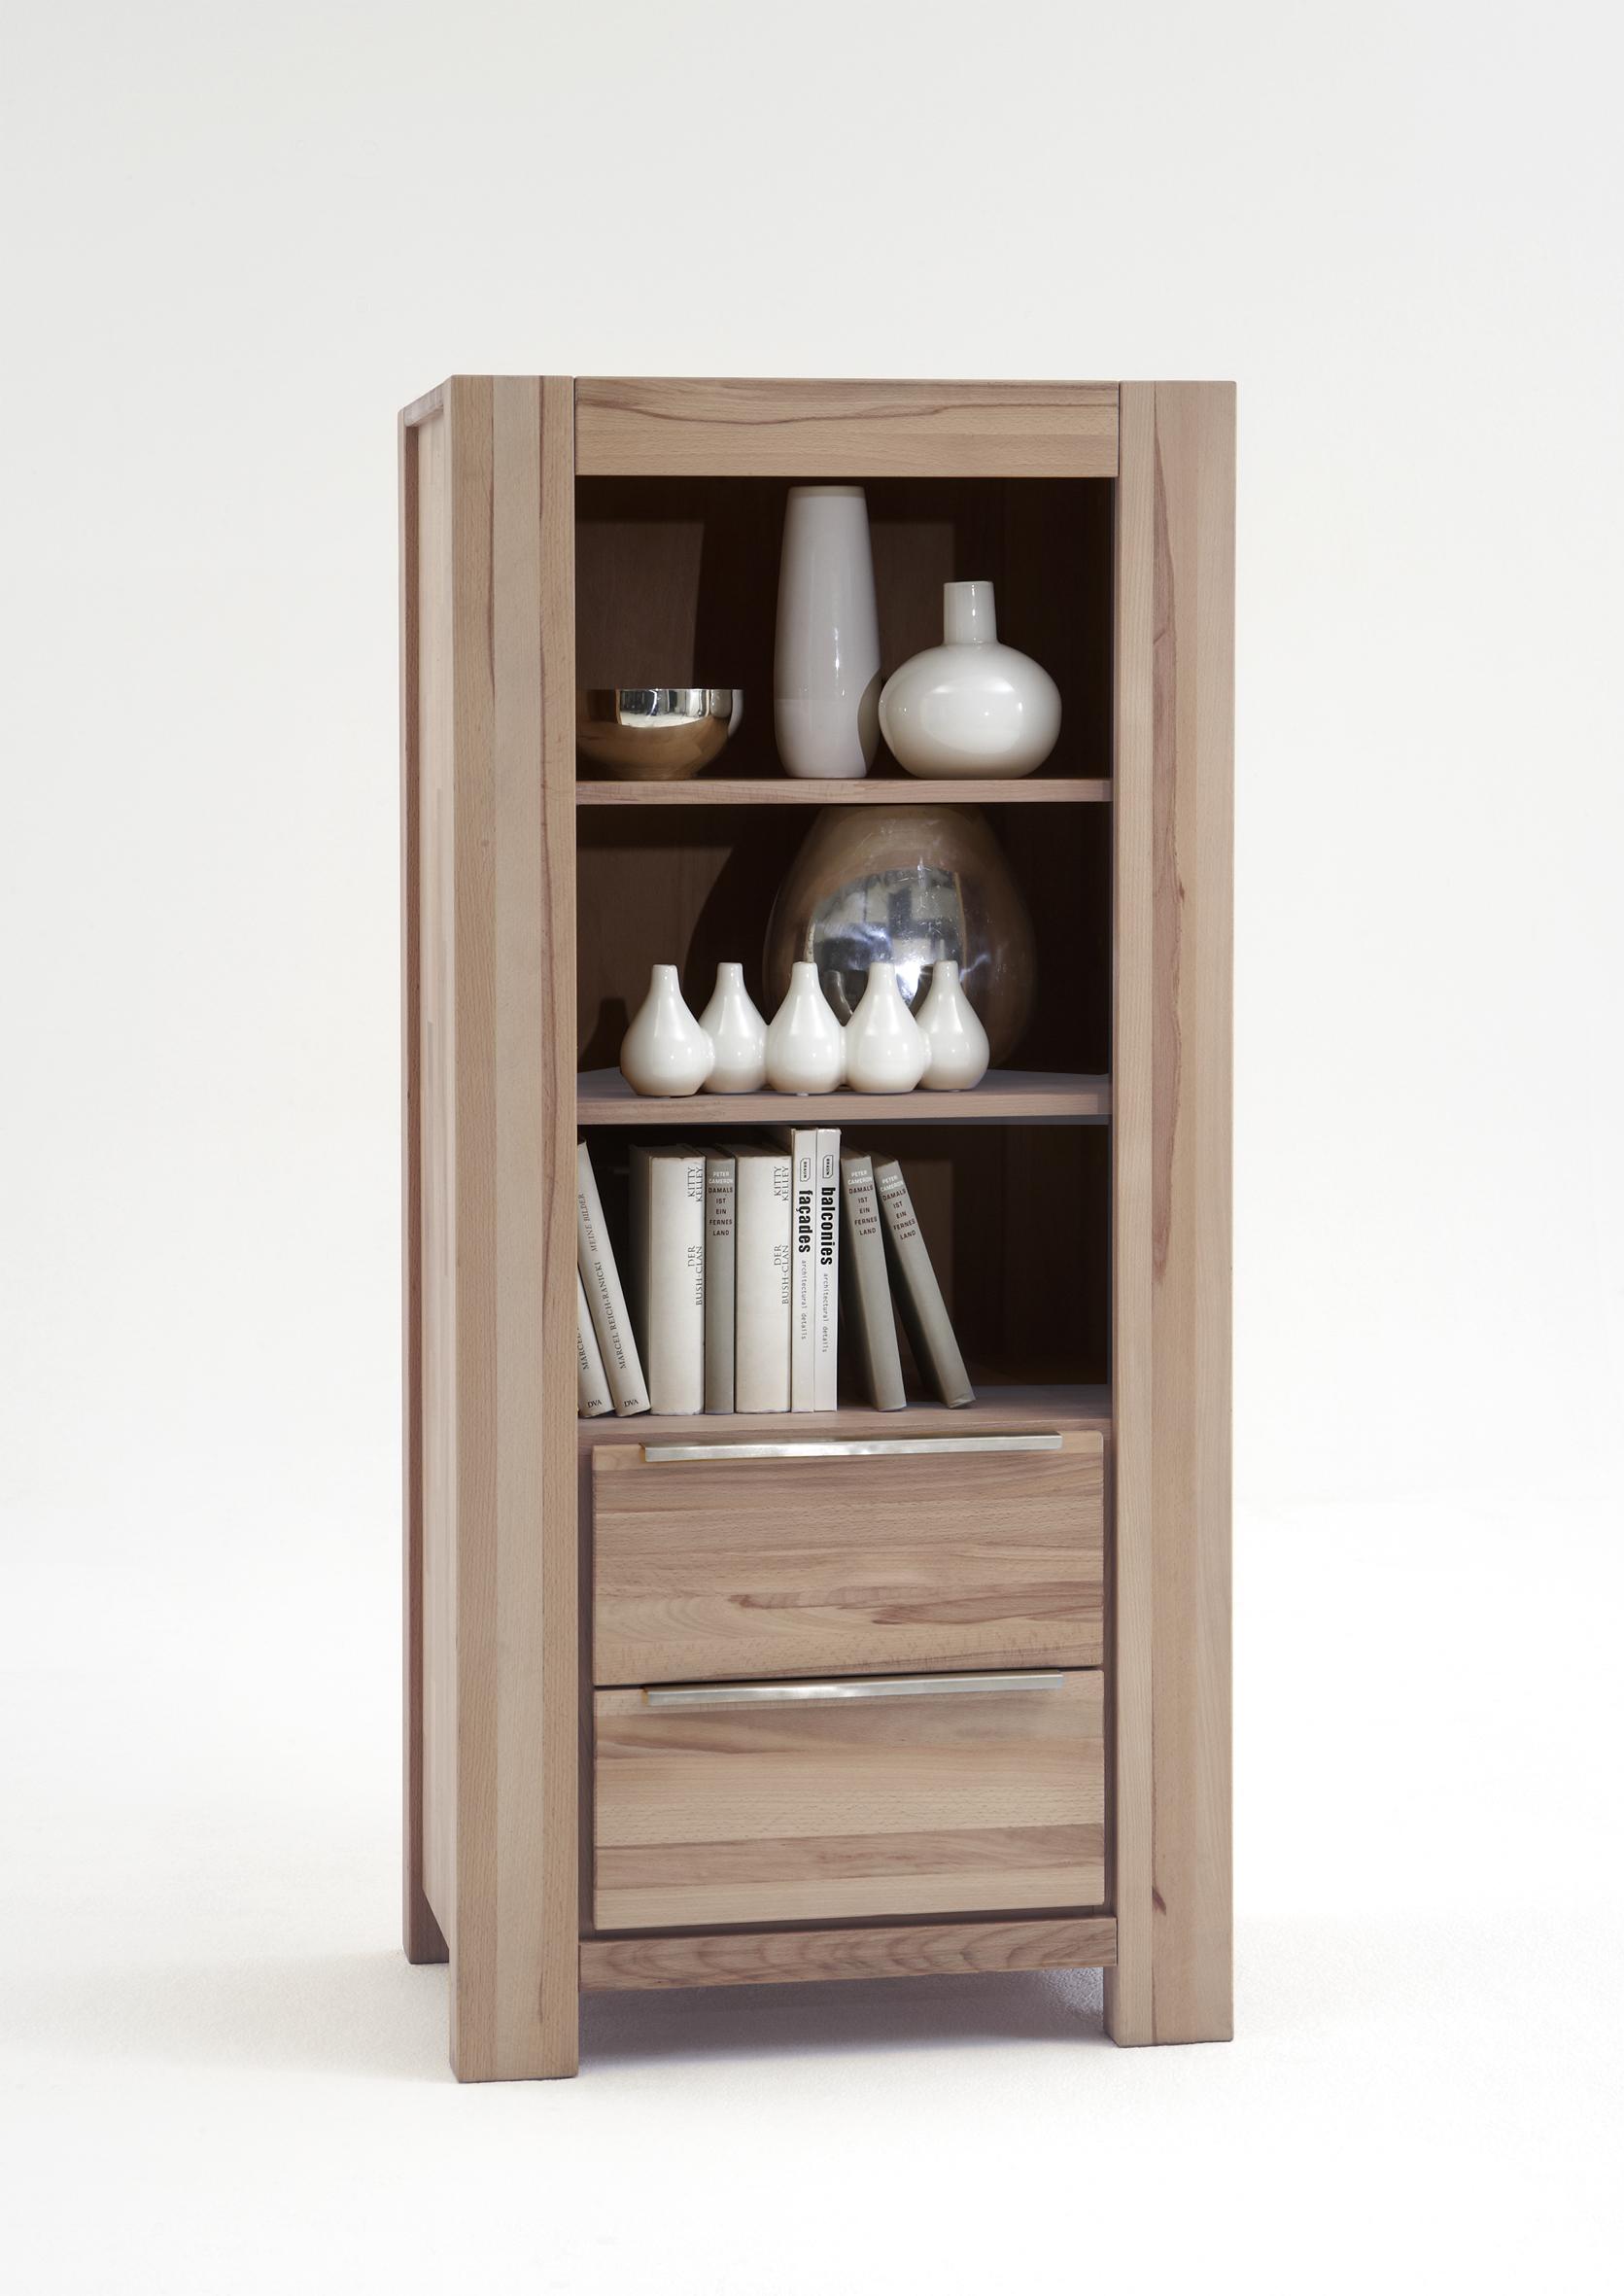 regal wildeiche awesome regal wildeiche good drehregal eiche sonoma nachbildung with cd geolt. Black Bedroom Furniture Sets. Home Design Ideas